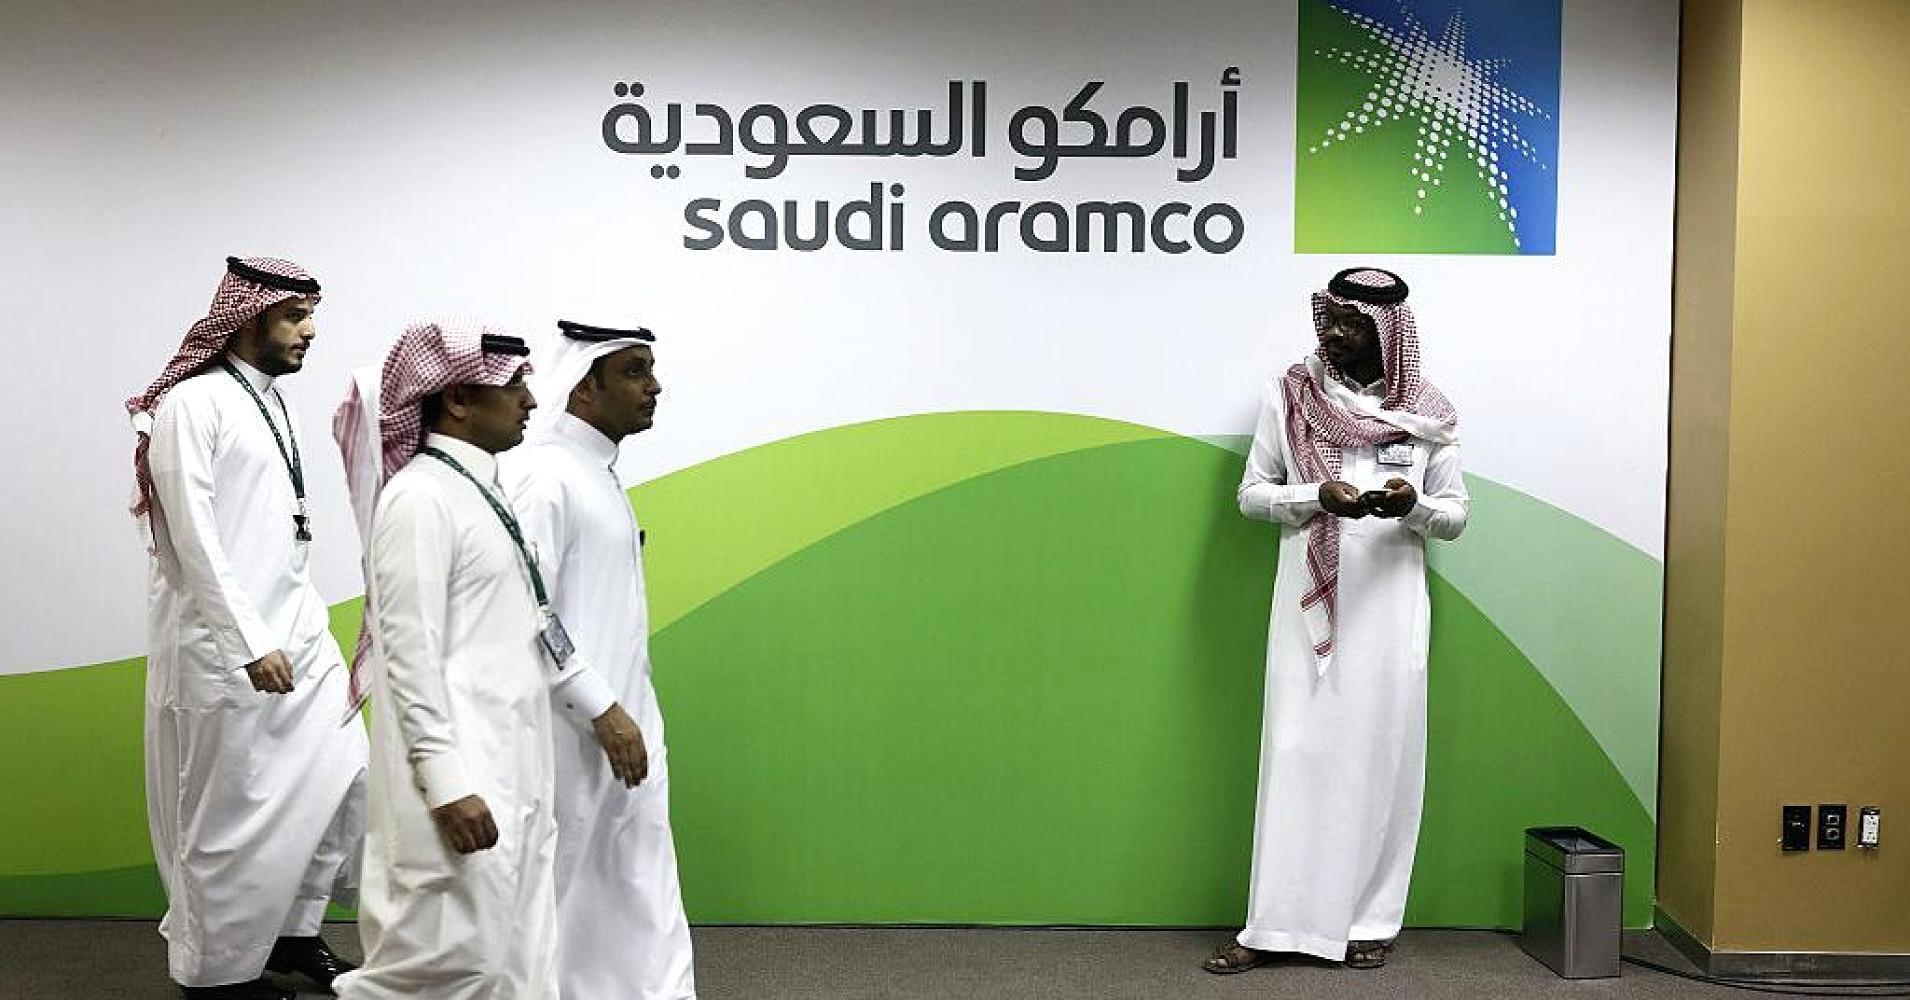 اقتصاد عربستانسعودی چگونه متحول خواهد شد؟